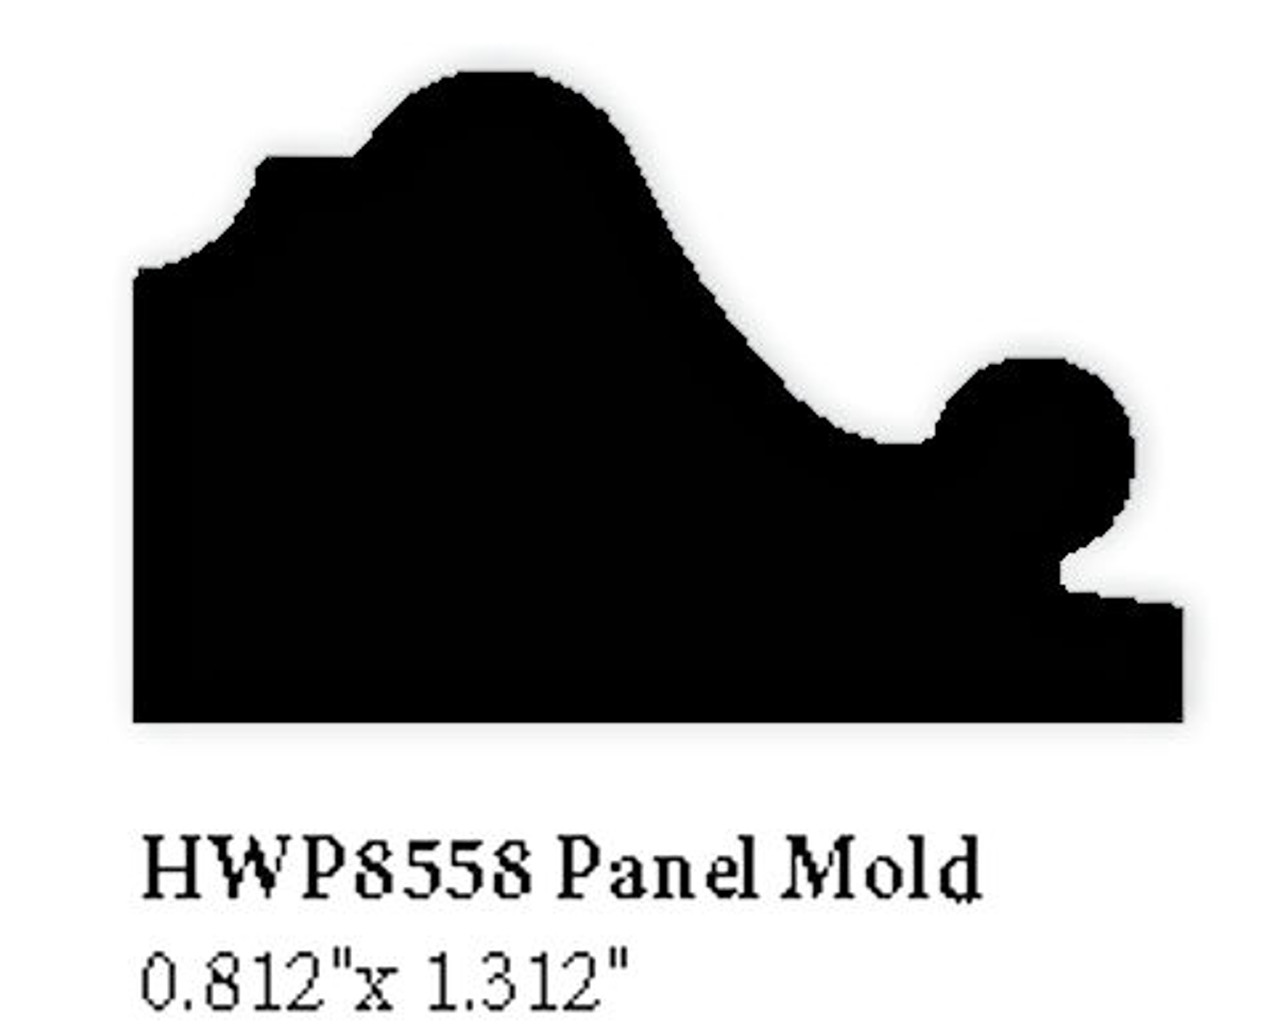 8558 Hardwood Panel Mold